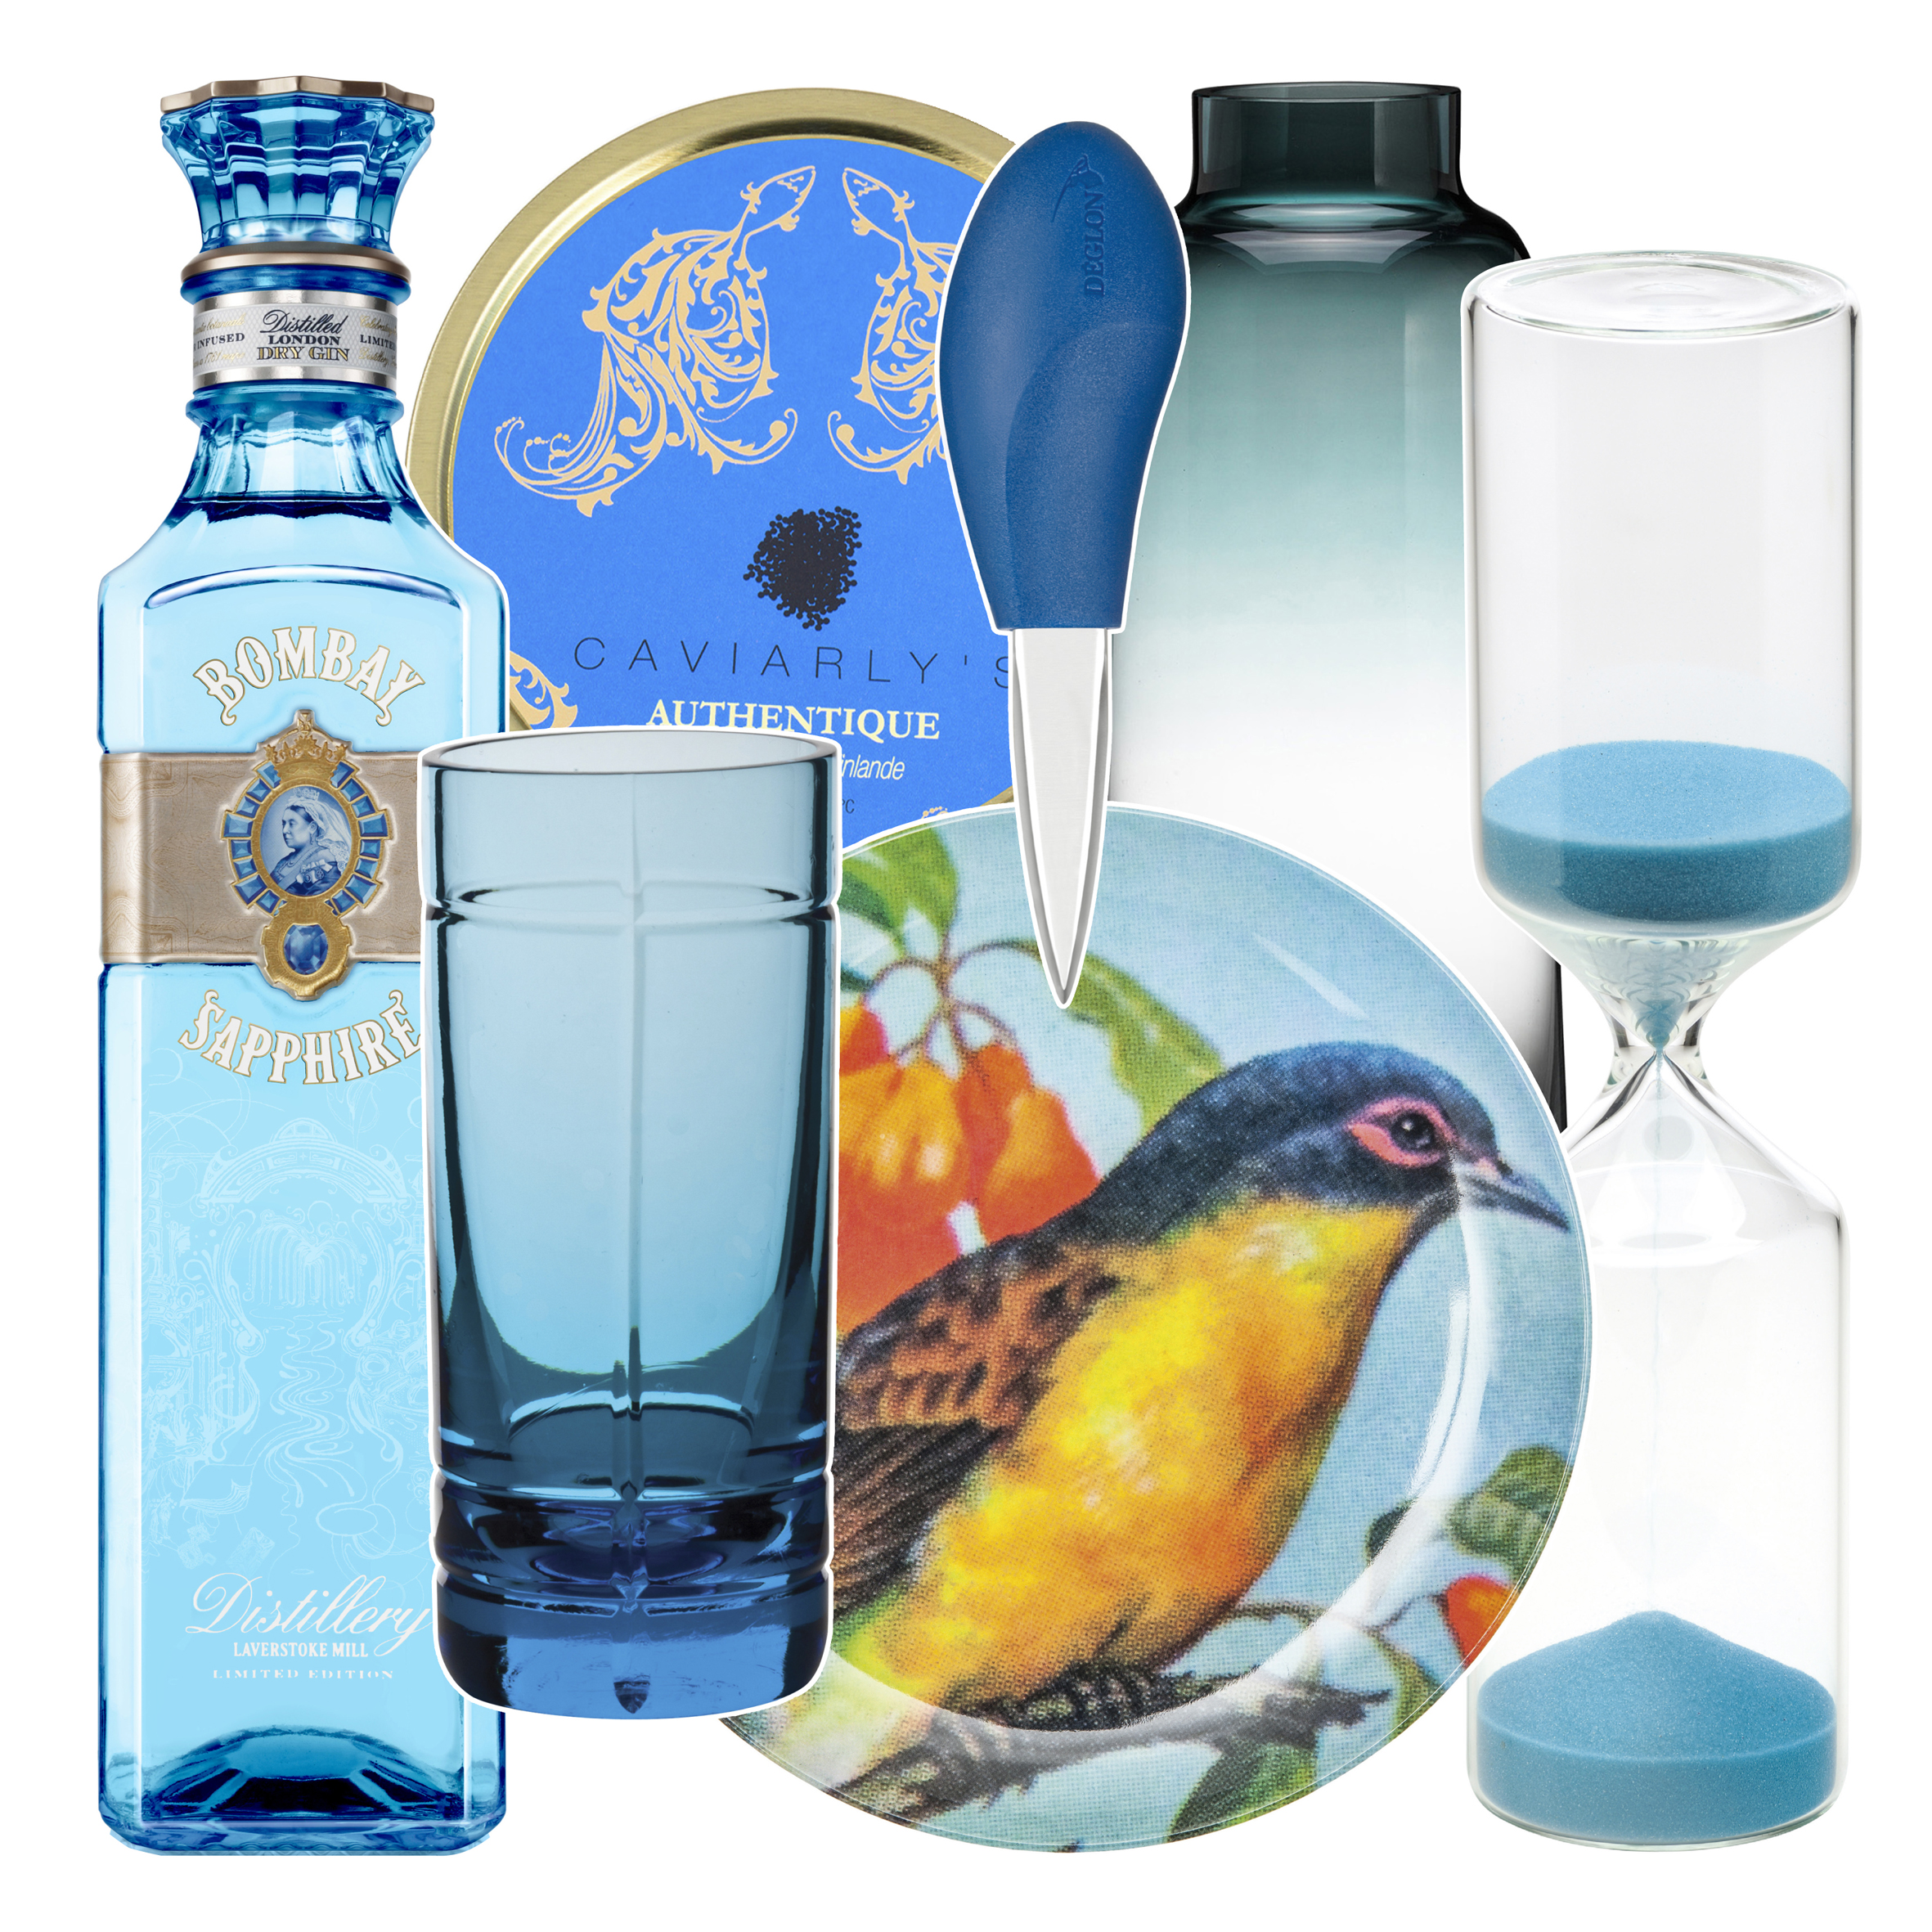 deco_arts_table_gastronomie_vert_bleu_violet_jaune-2 2